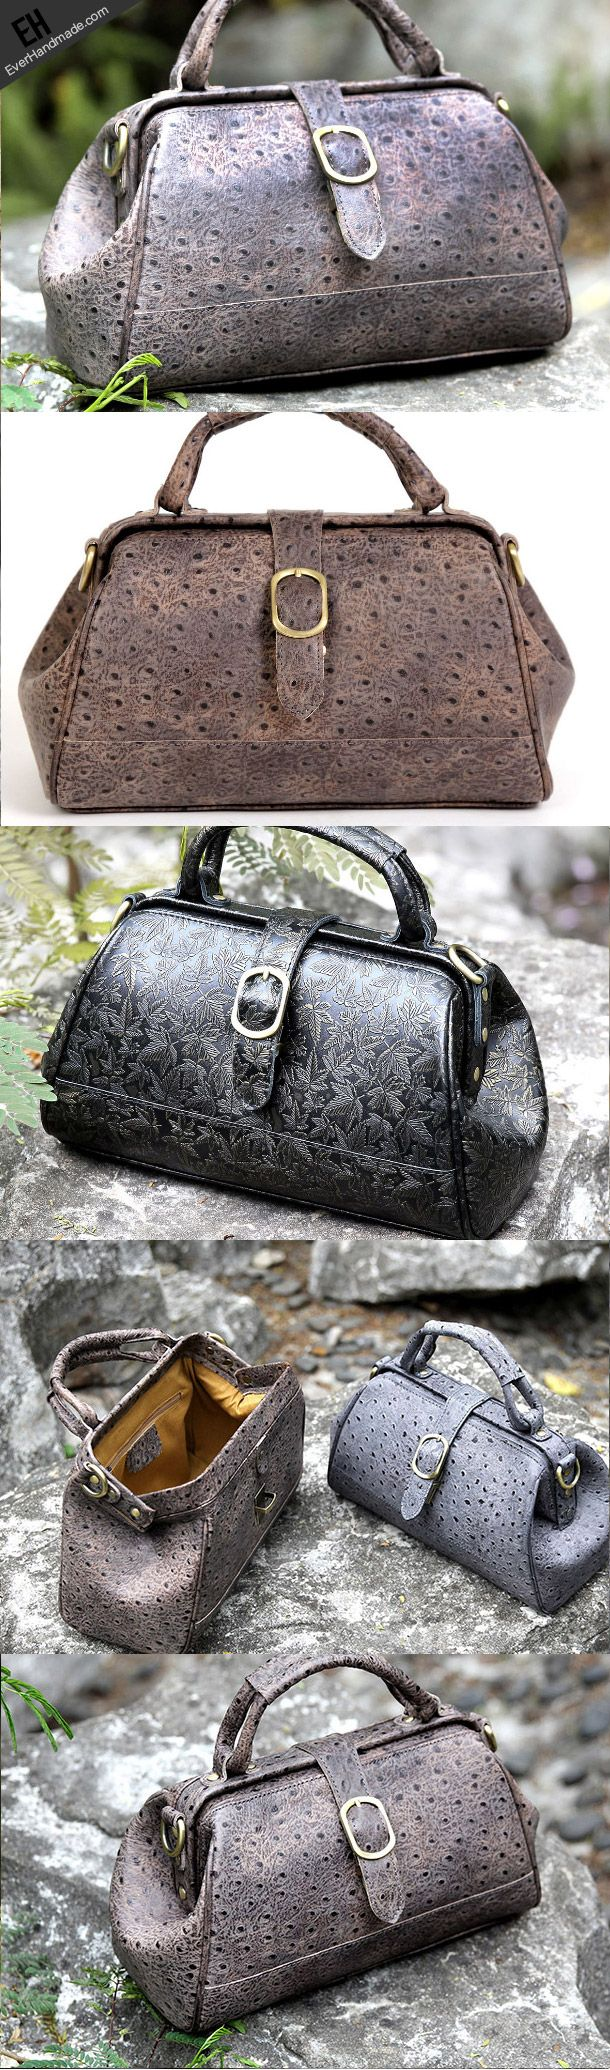 Handmade vintage shoulder bag small doctor bag handbag for women ...